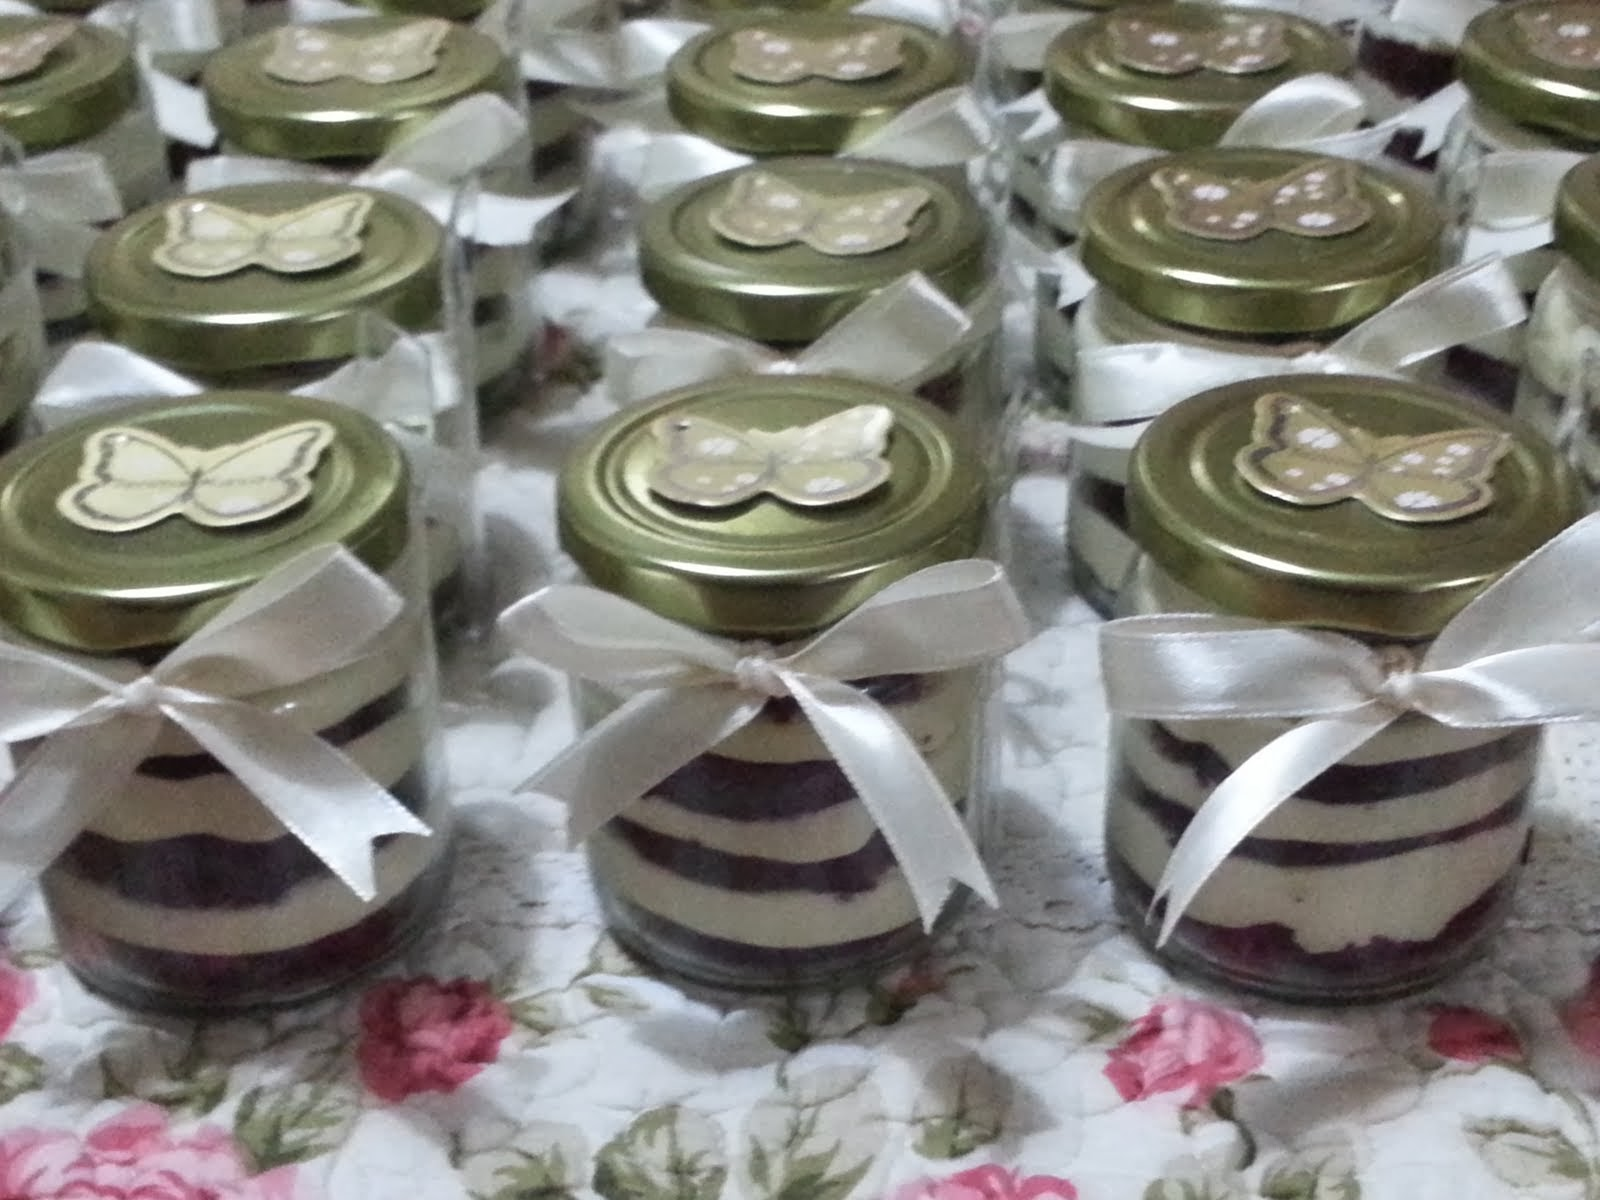 CAKES IN JARS RM 7/JAR